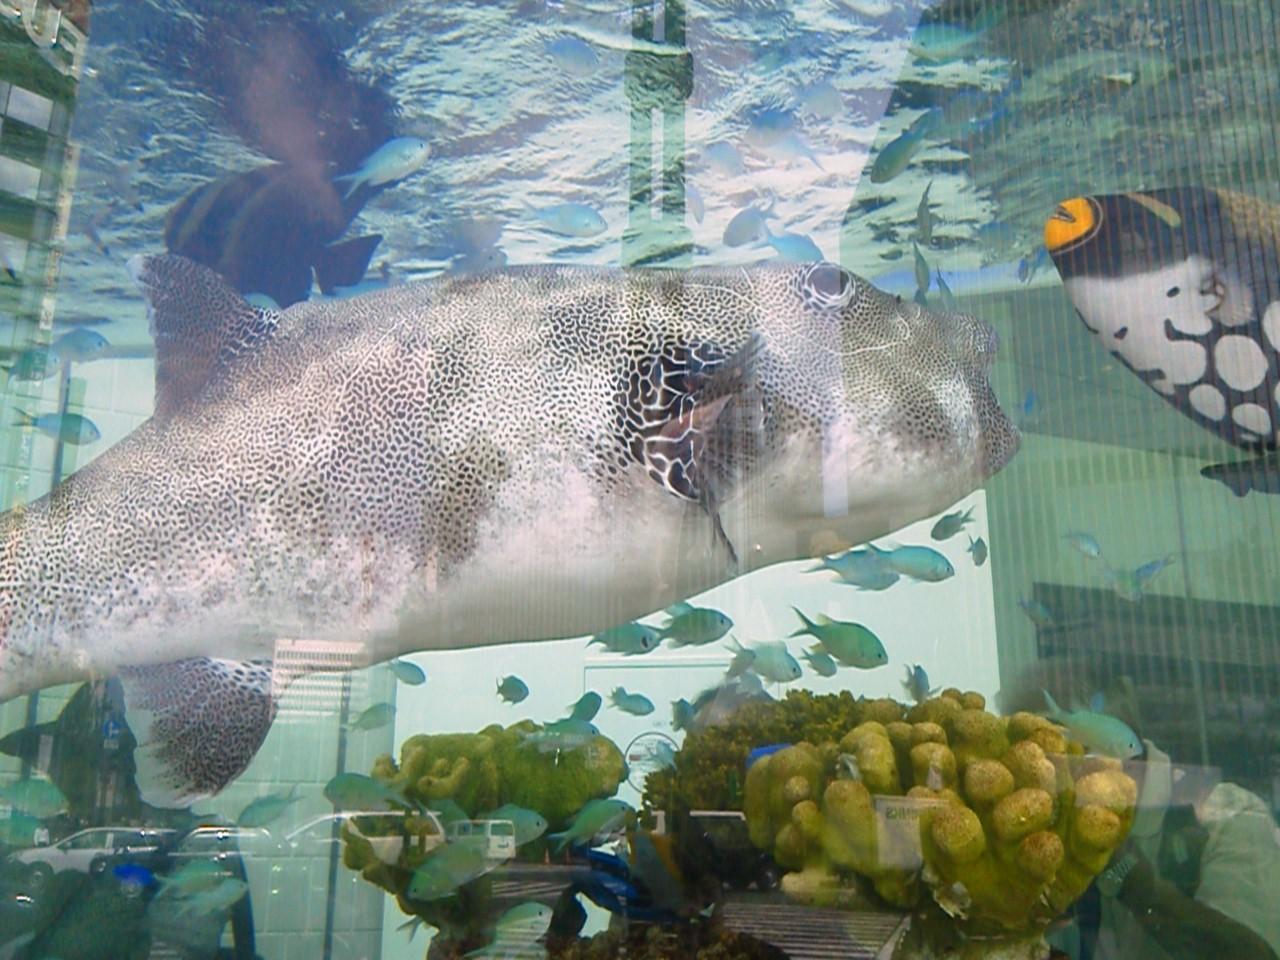 銀座の水族館、高校雑談サロン_a0063907_1859938.jpg